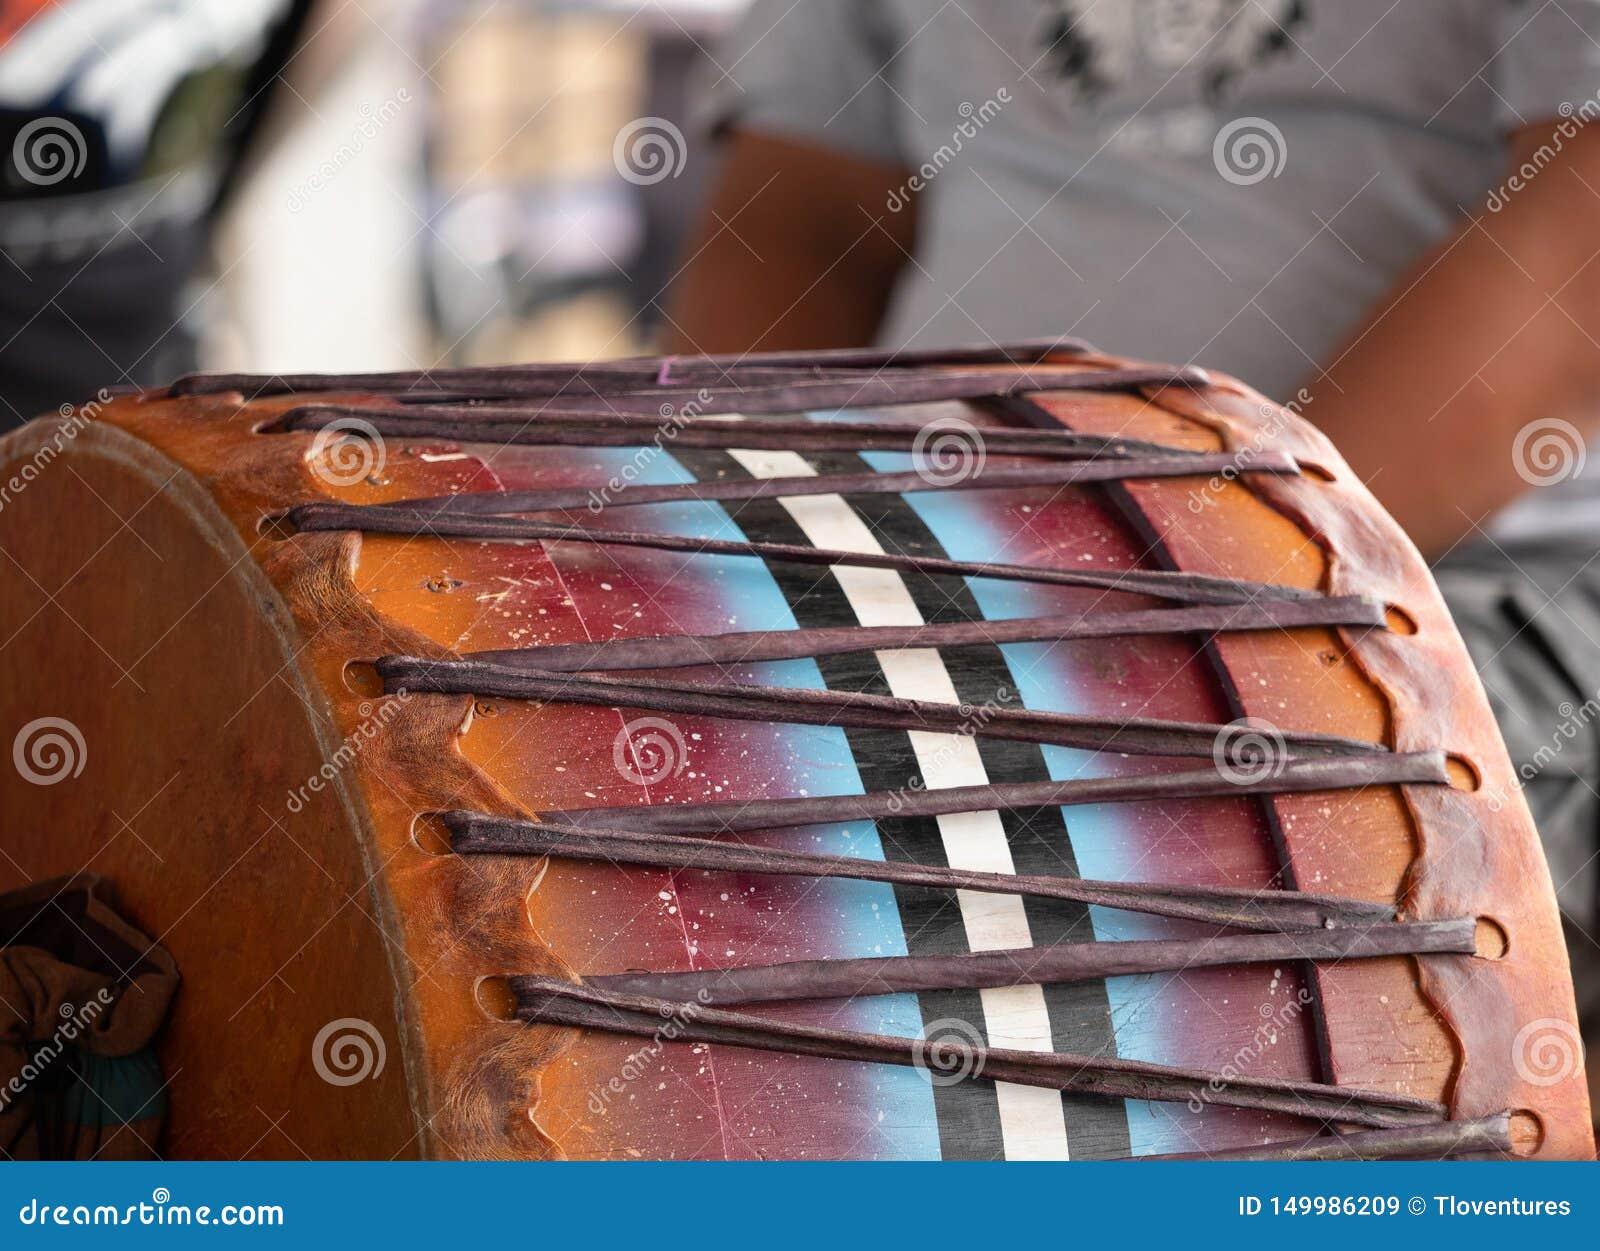 Закройте вверх традиционного барабанчика военнопленного вау